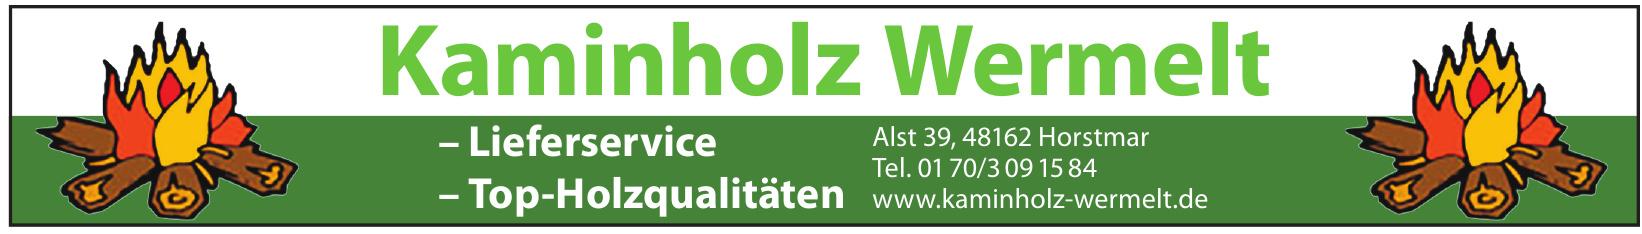 Kaminholz Wermelt